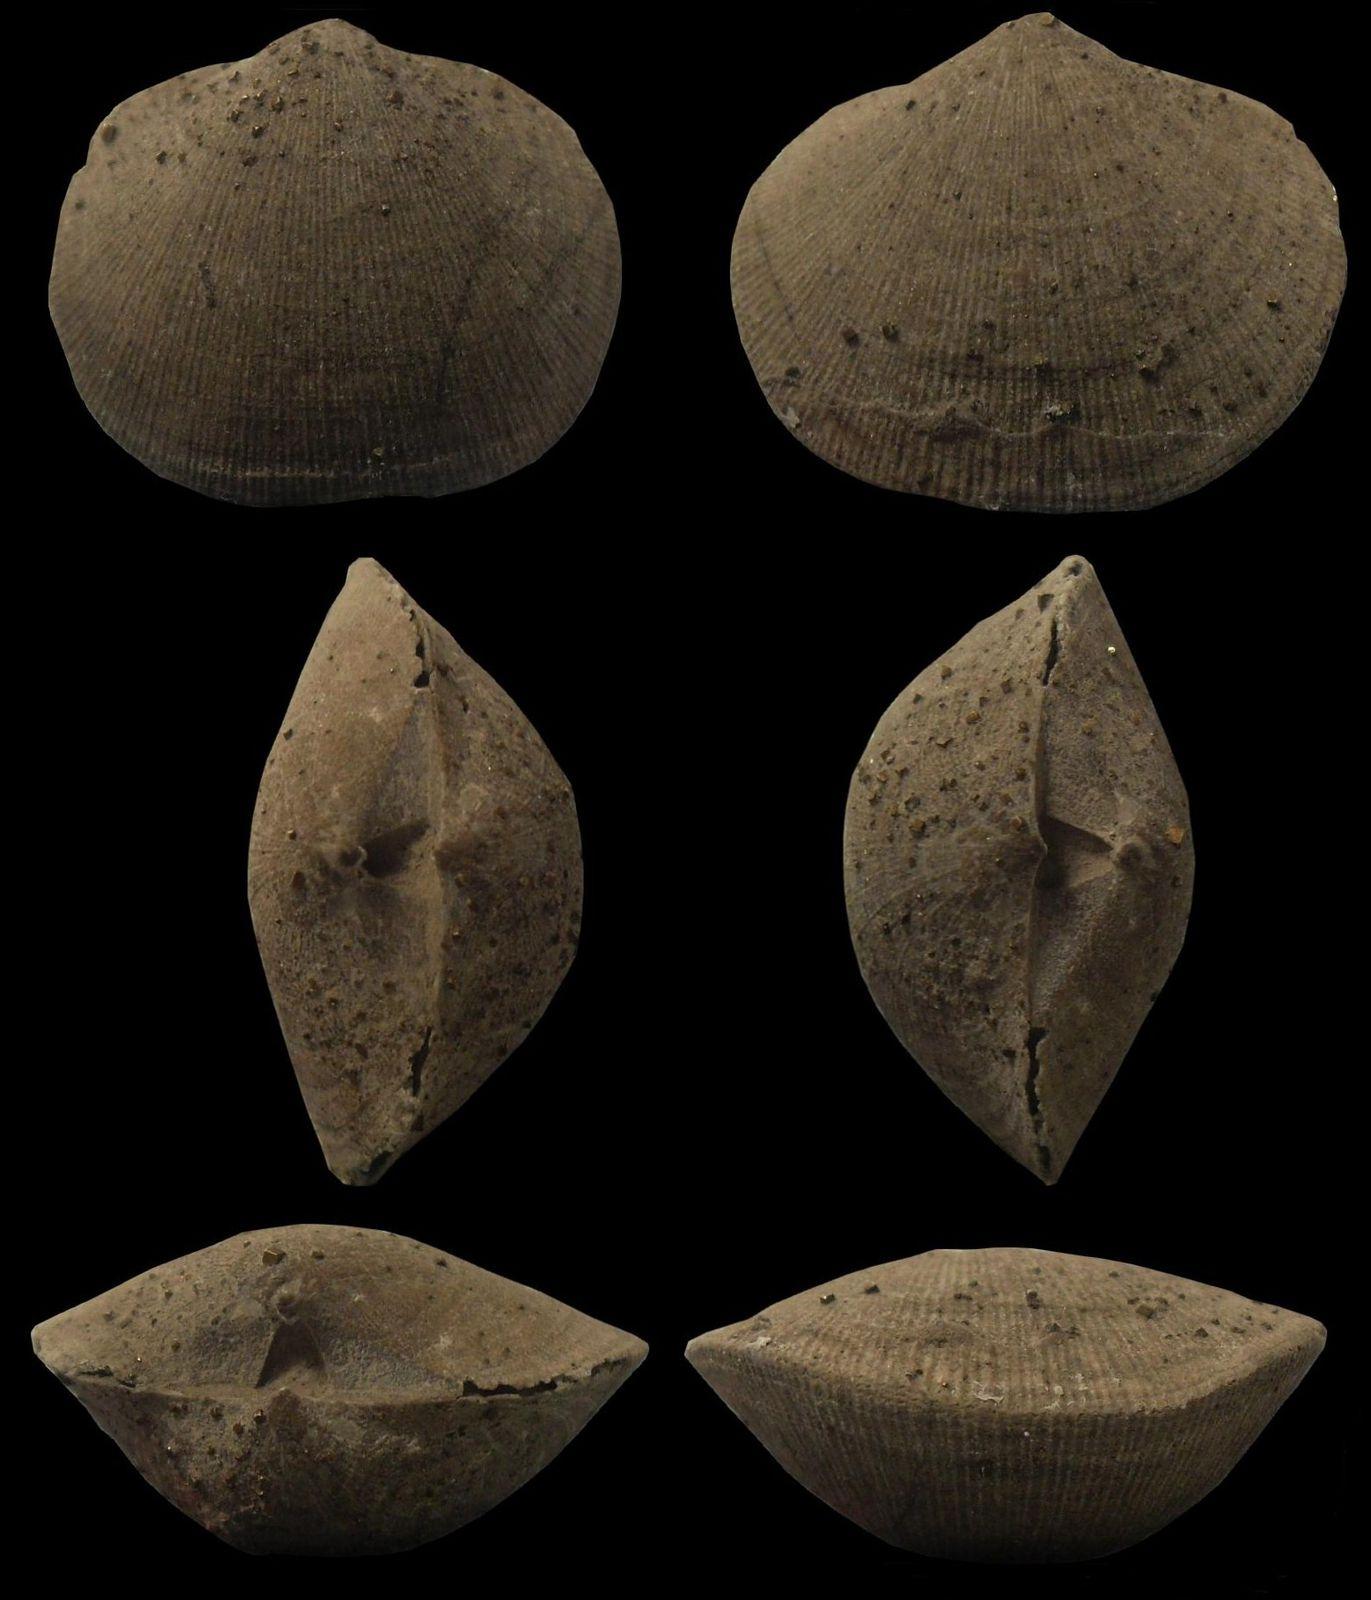 Album consacré aux Brachiopodes, du Dévonien,Carbonifère,Jurassique et Crétacé pour la plupart. Fossiles que j'apprécie de plus en plus.